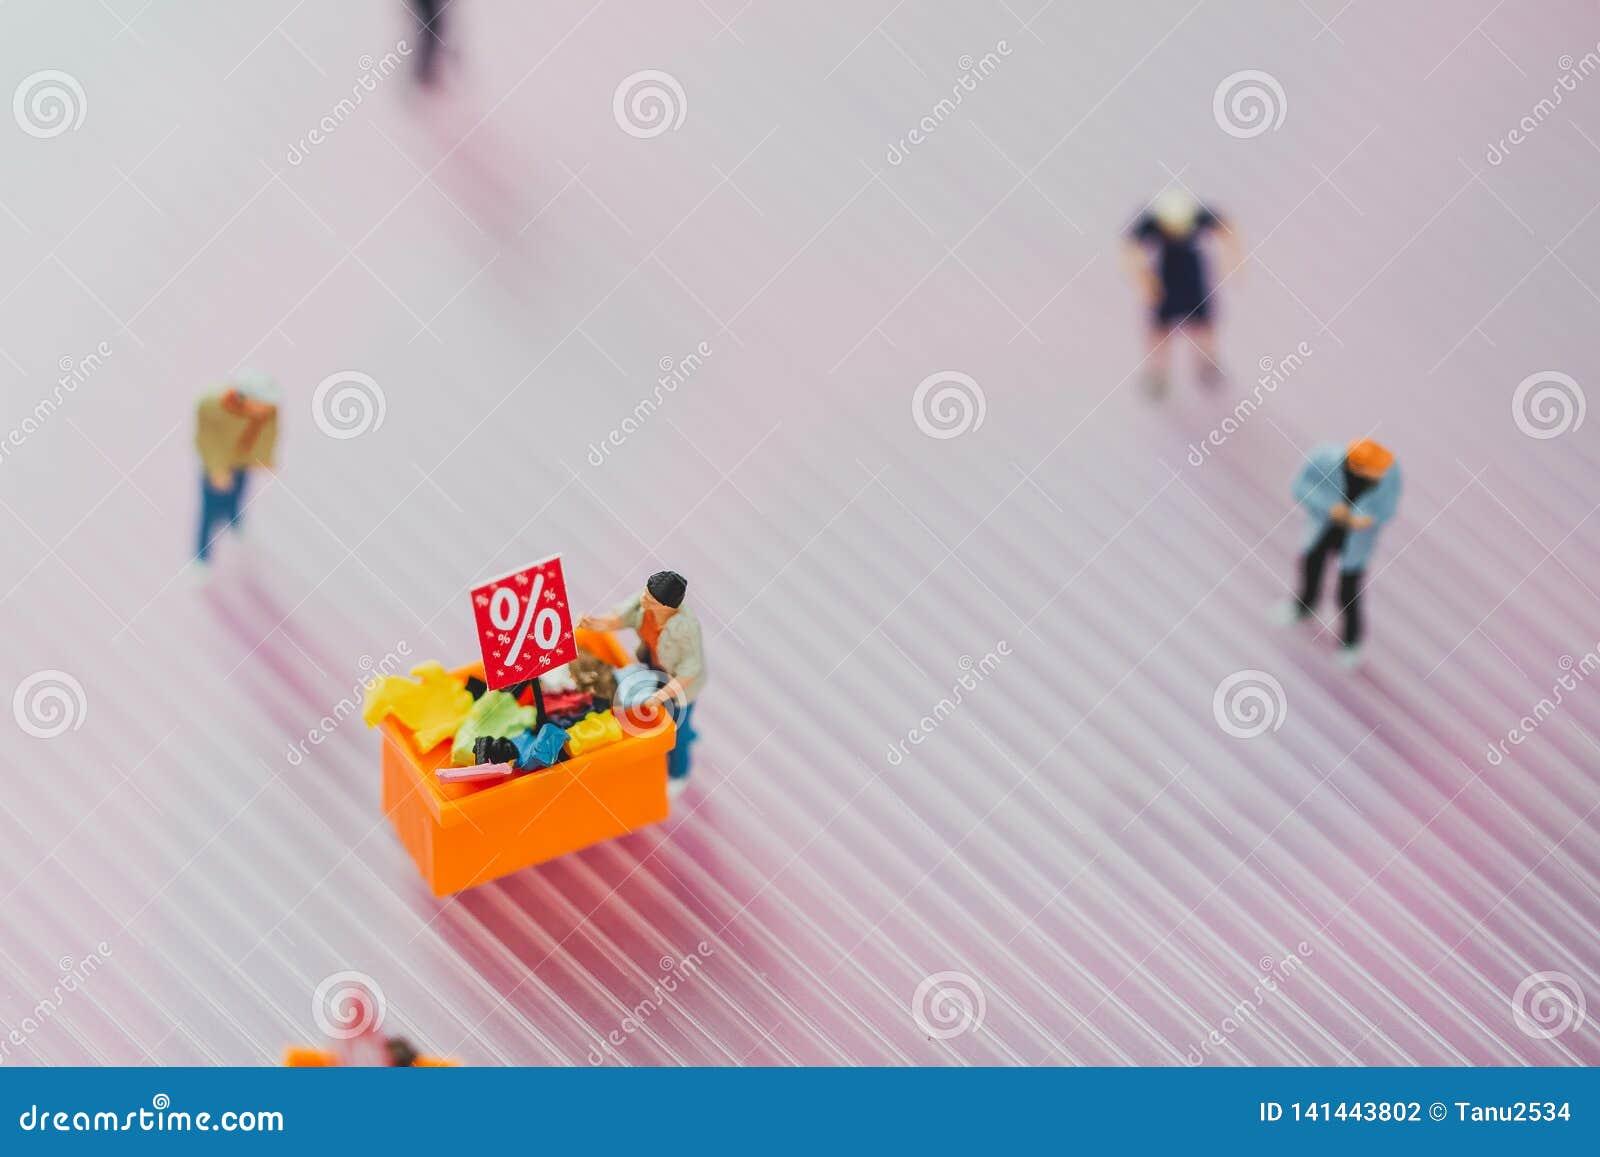 顾客买在销售中的物品